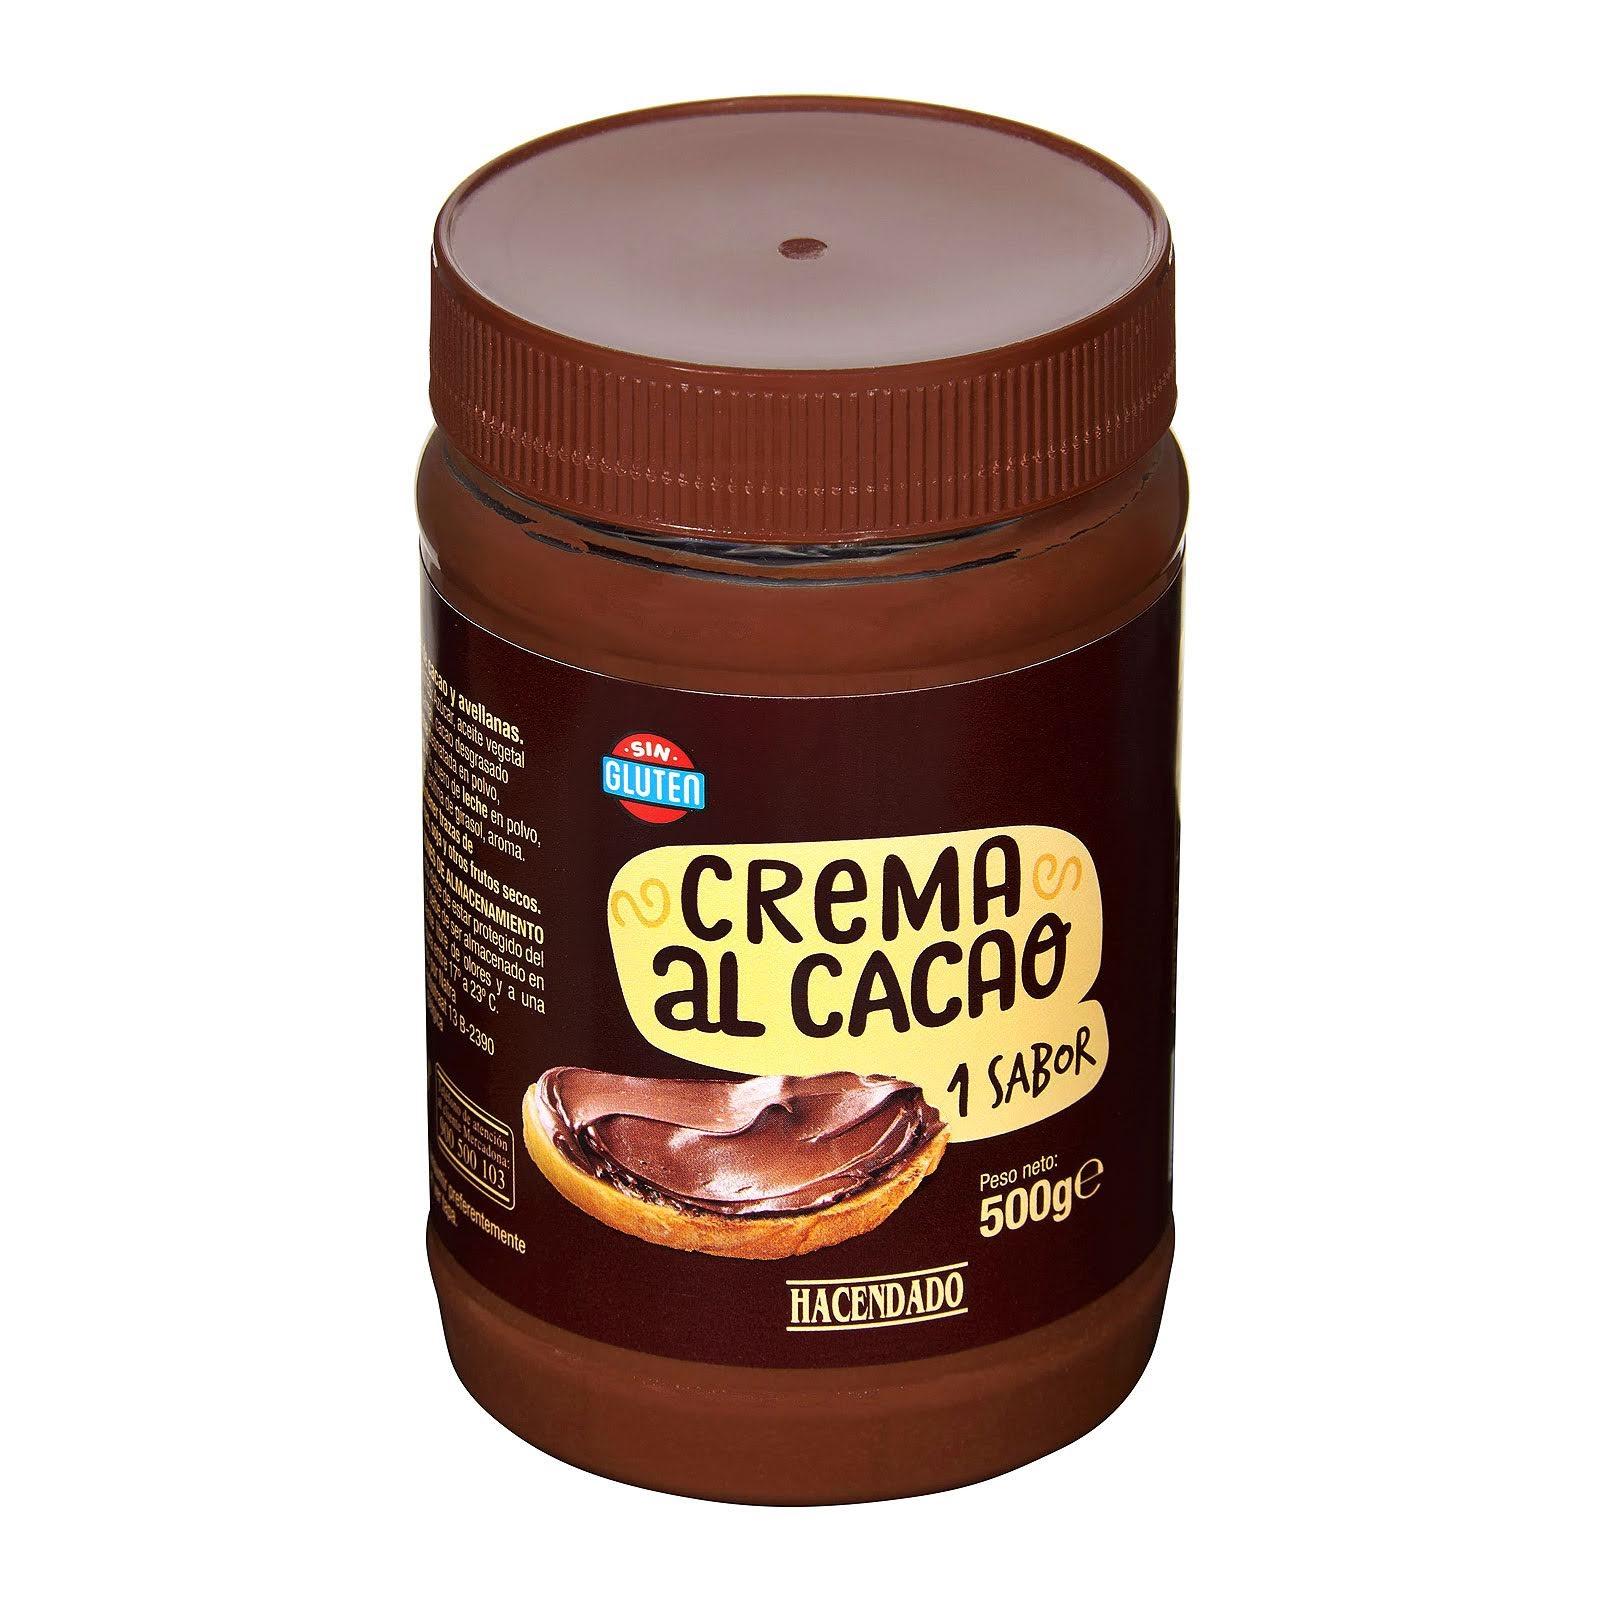 Crema al cacao con avellanas Hacendado